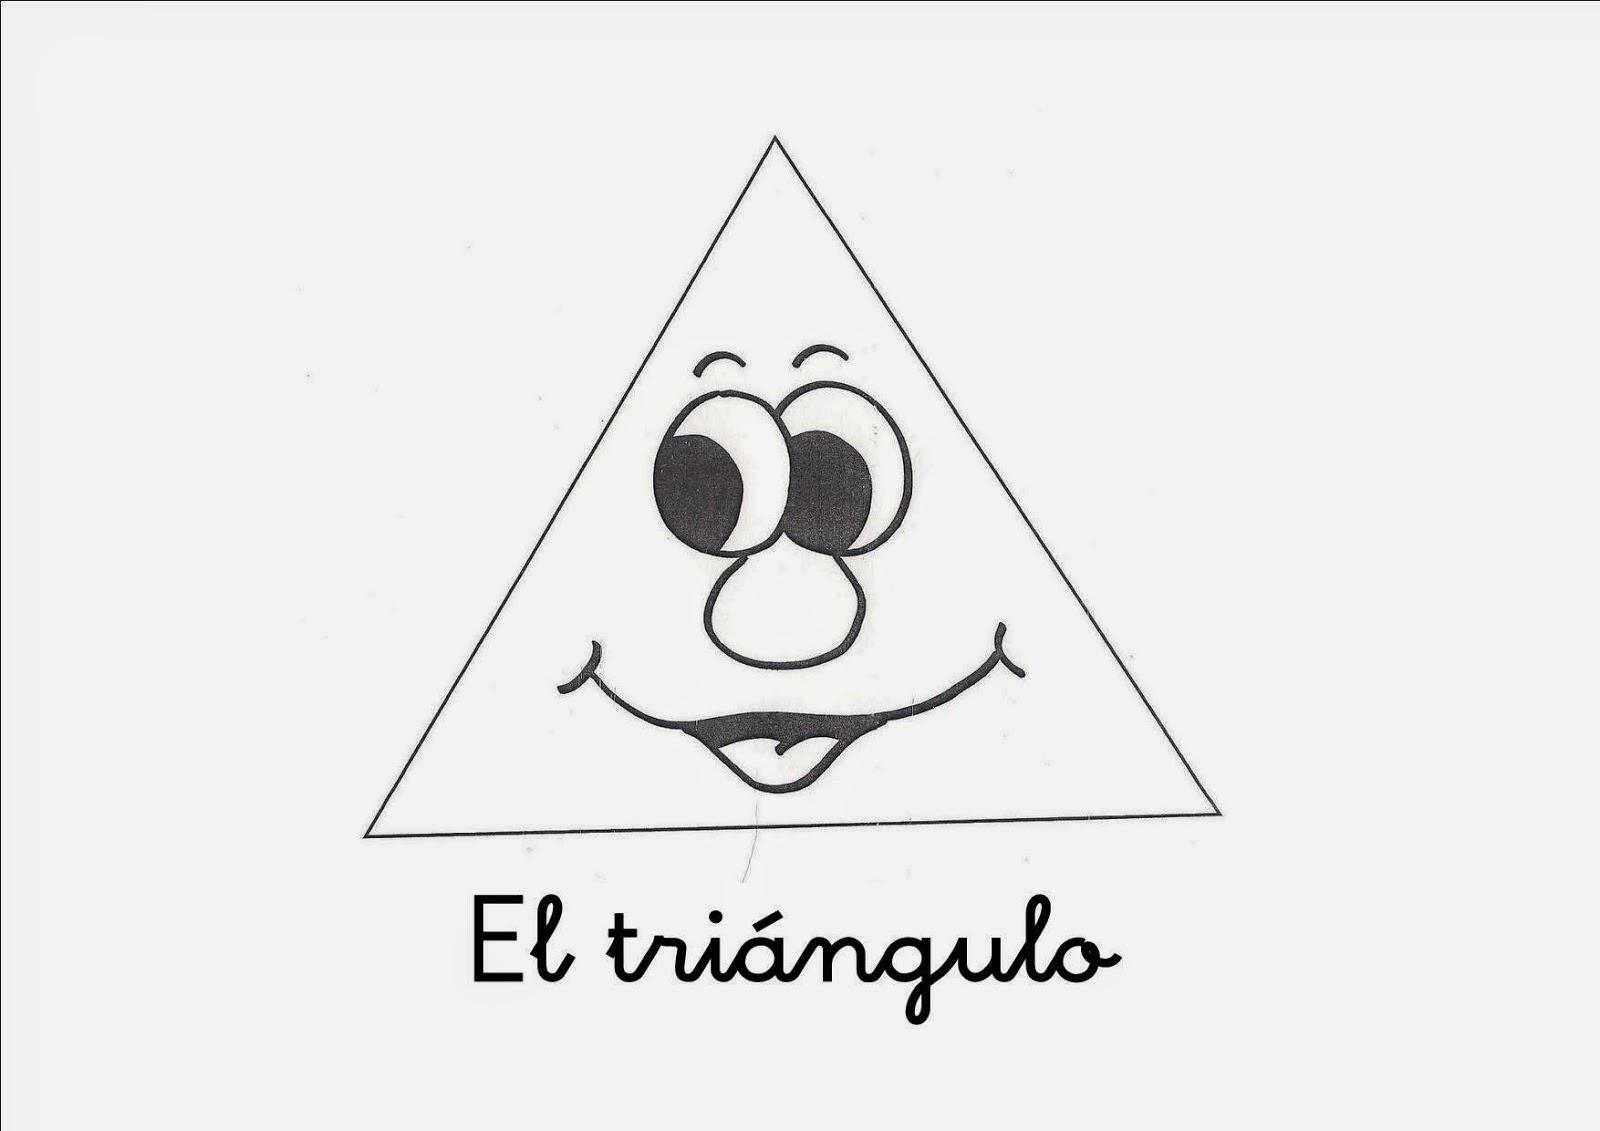 Dibujos para Colorear: Triangulos